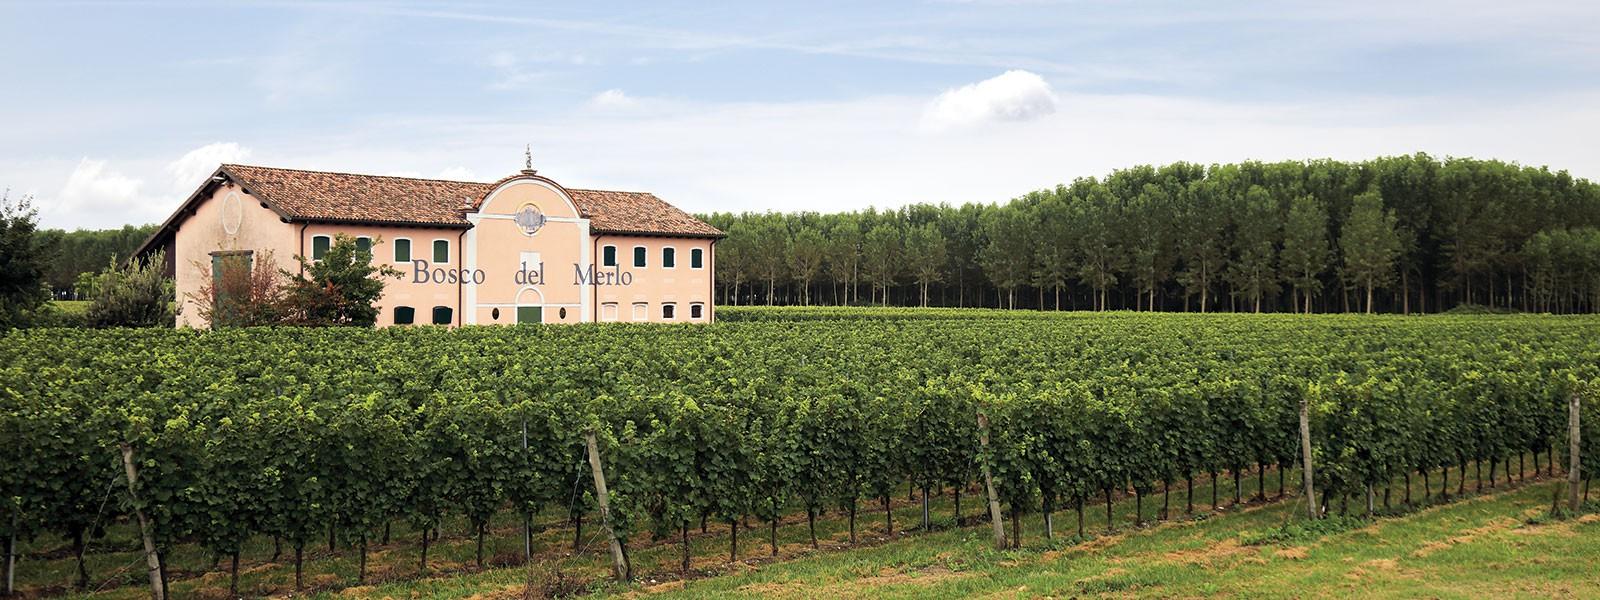 Innovazione e biodiversità in viticoltura - cover